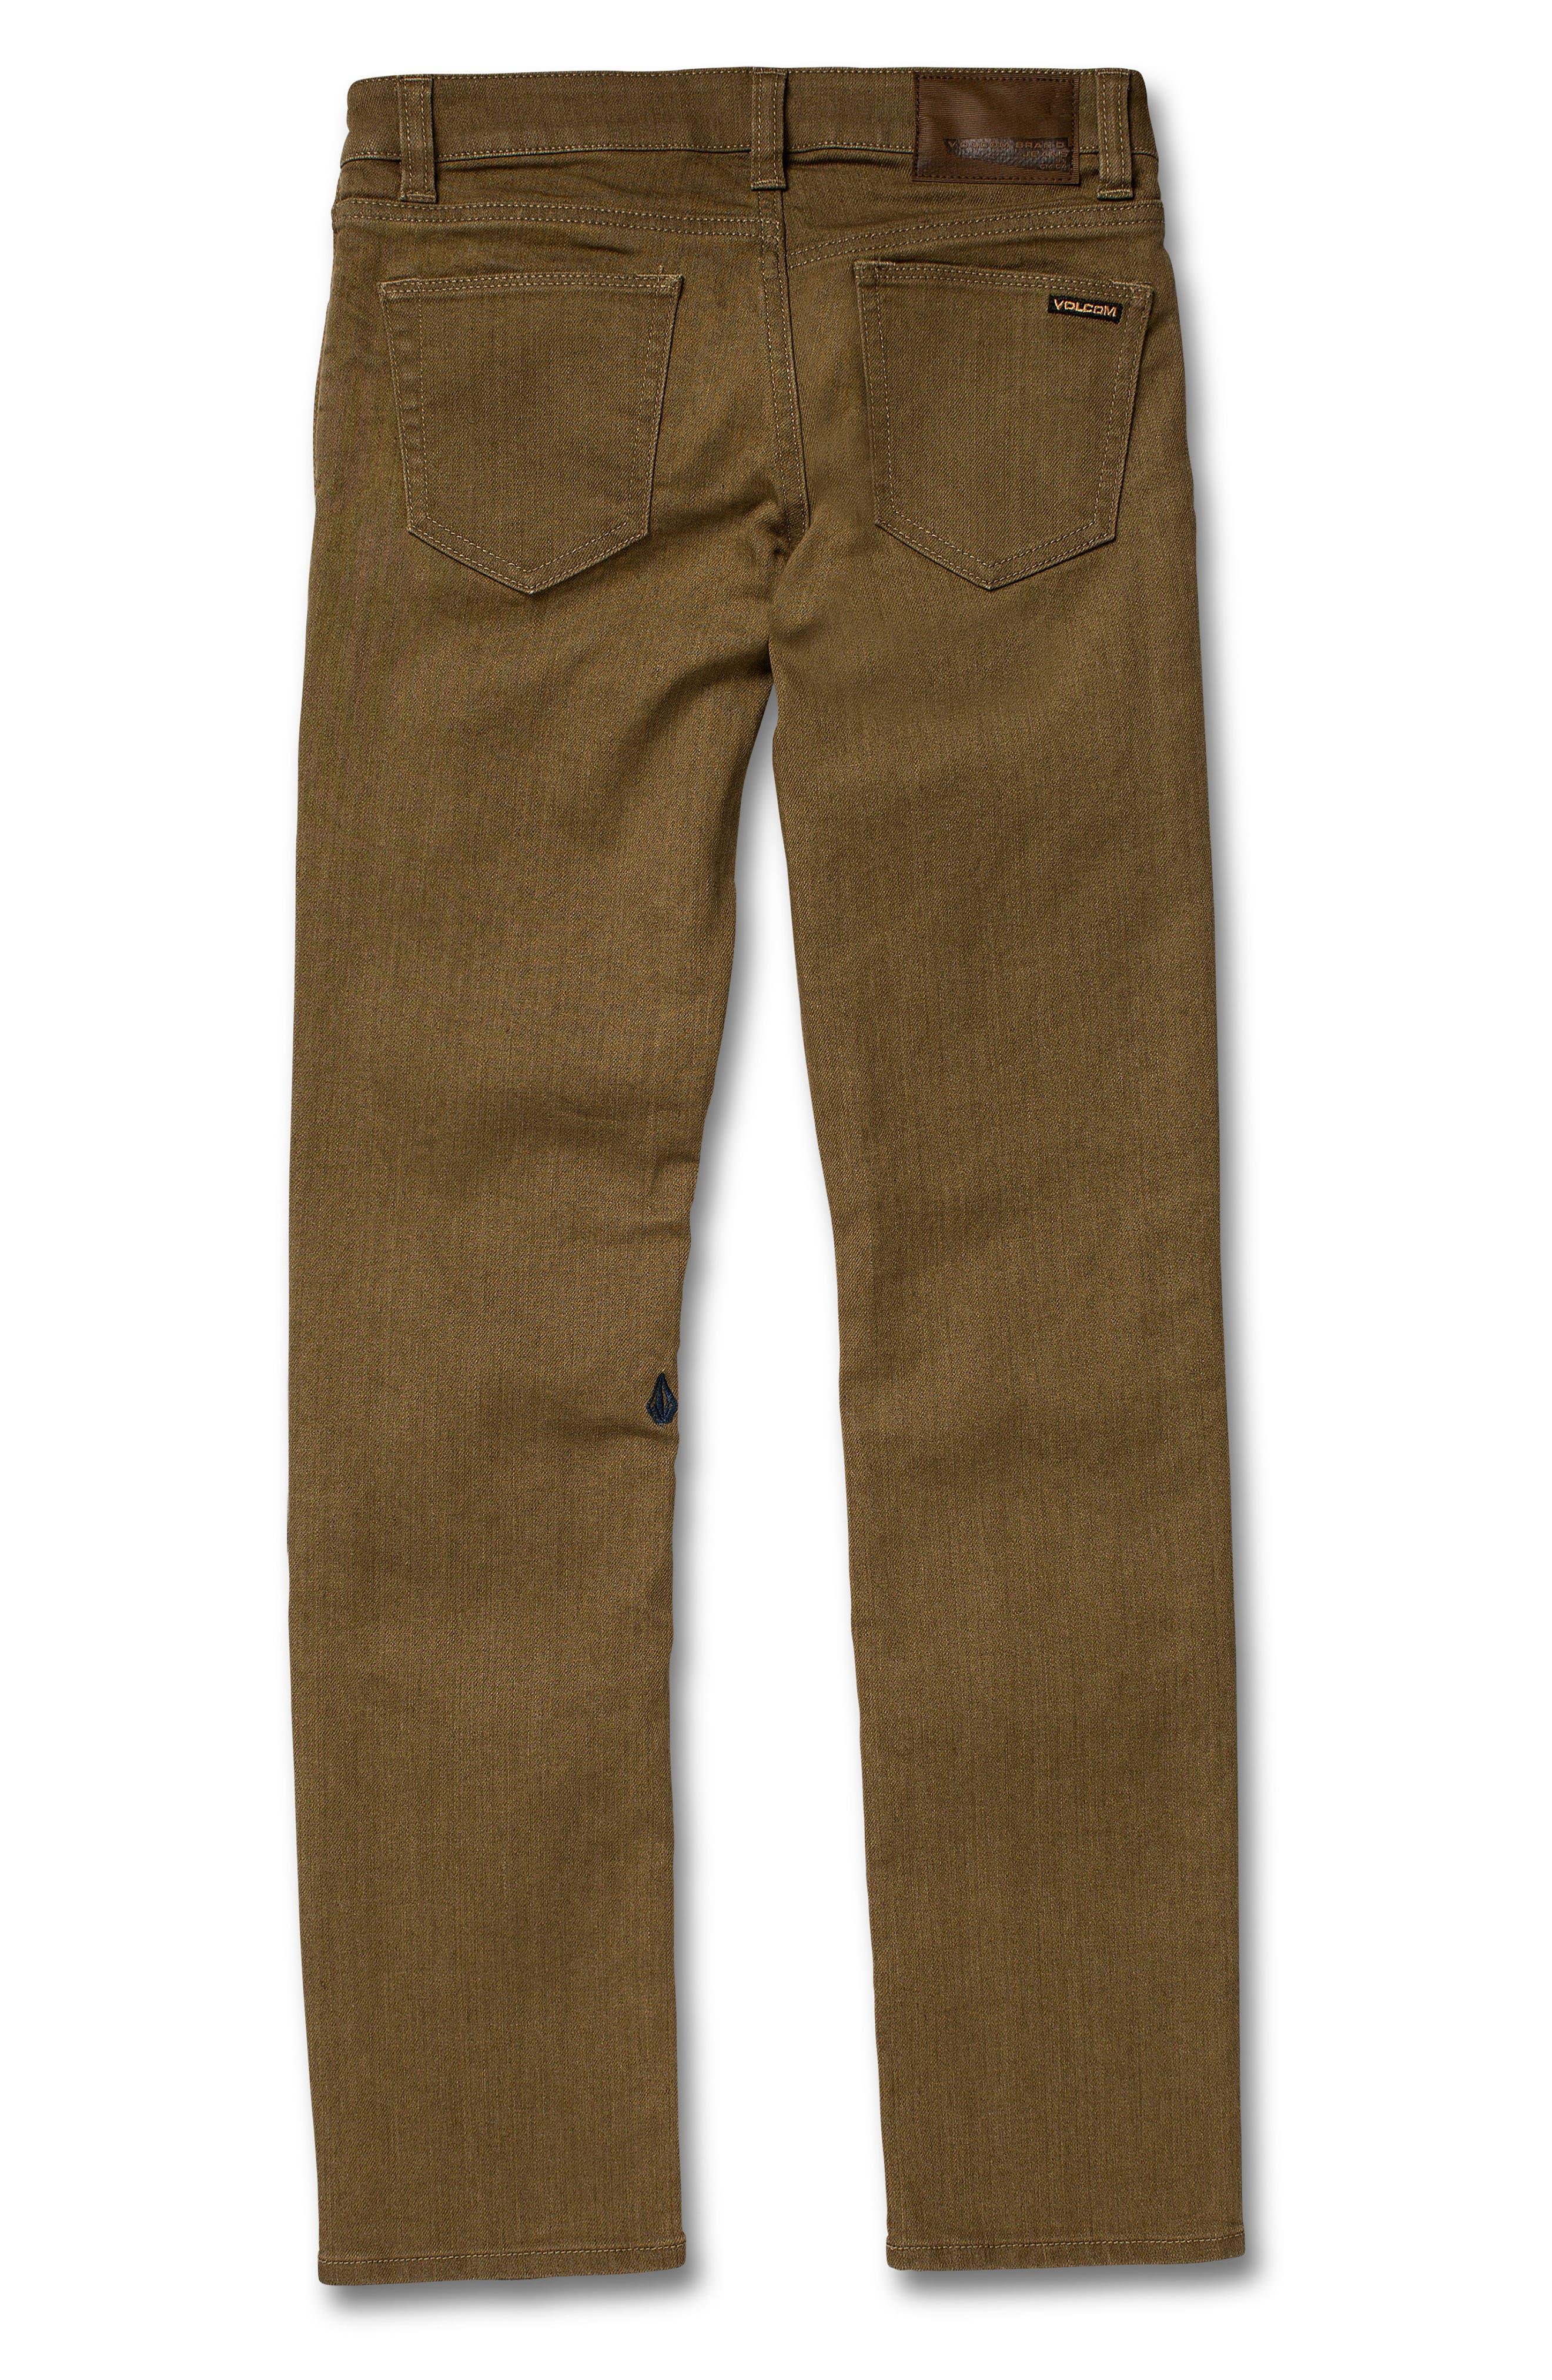 Vorta Slim Fit Jeans,                             Alternate thumbnail 2, color,                             WET SAND